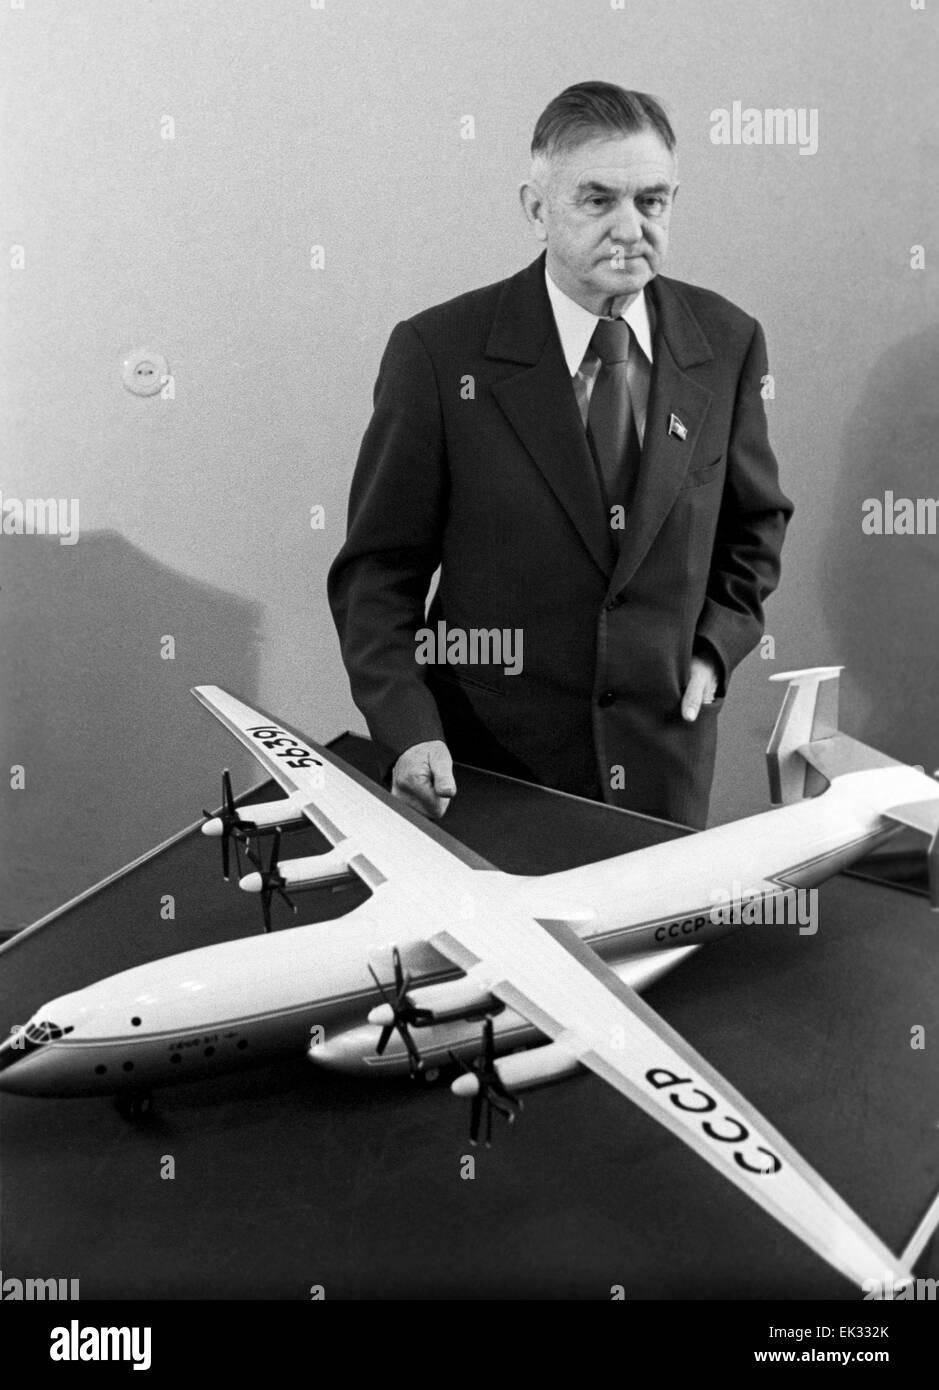 Kiev  Ukrainian SSR  USSR  Aircraft designer Oleg Antonov